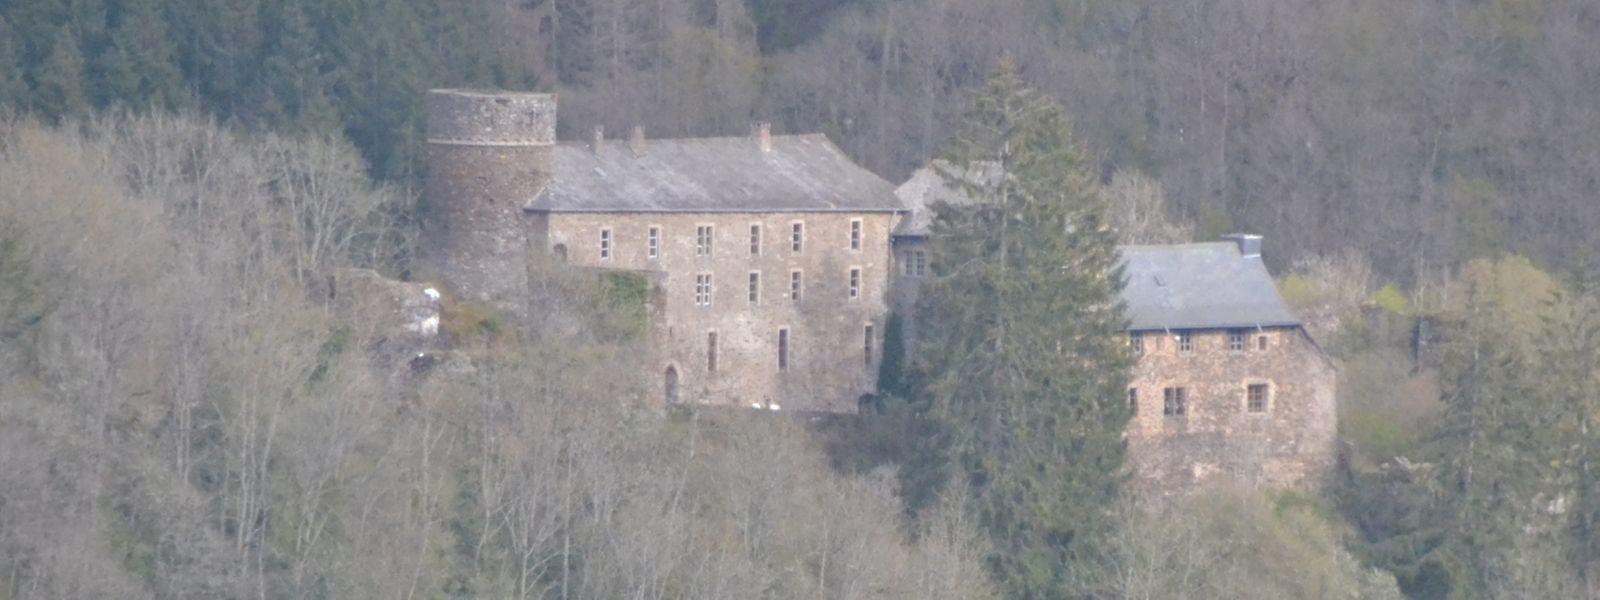 Von der gegenüberliegenden Talseite hat man den besten Blick auf die Burg.